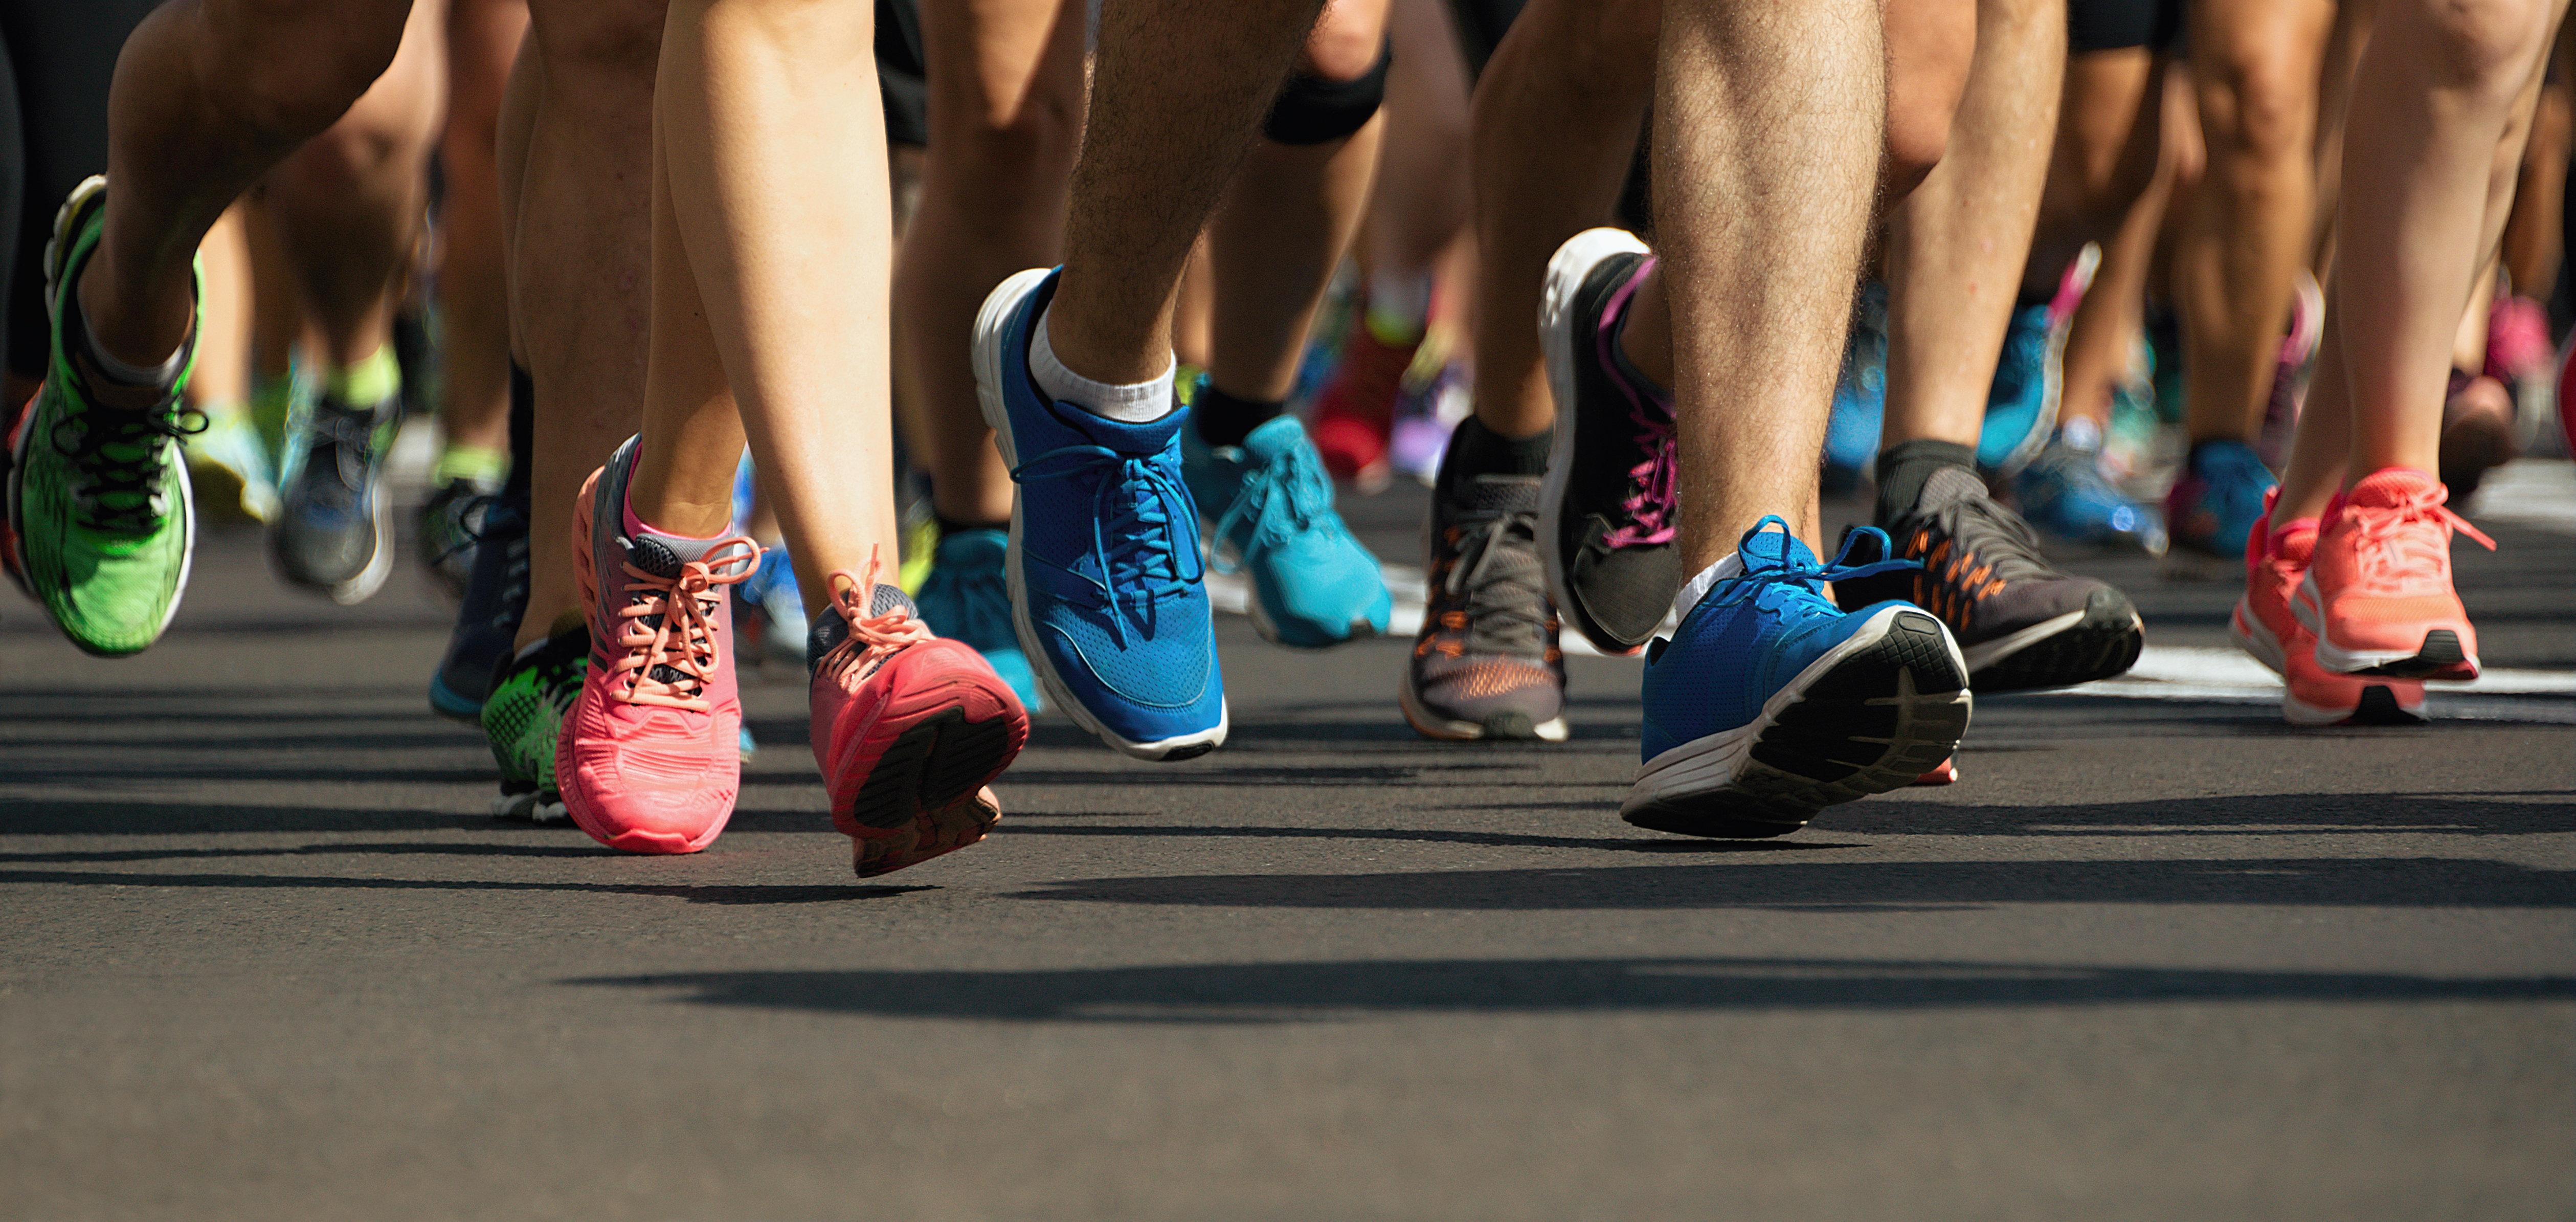 ΟΠΑ Run: Μια ξεχωριστή δράση με στόχο την ανάδειξη του Πεδίου του